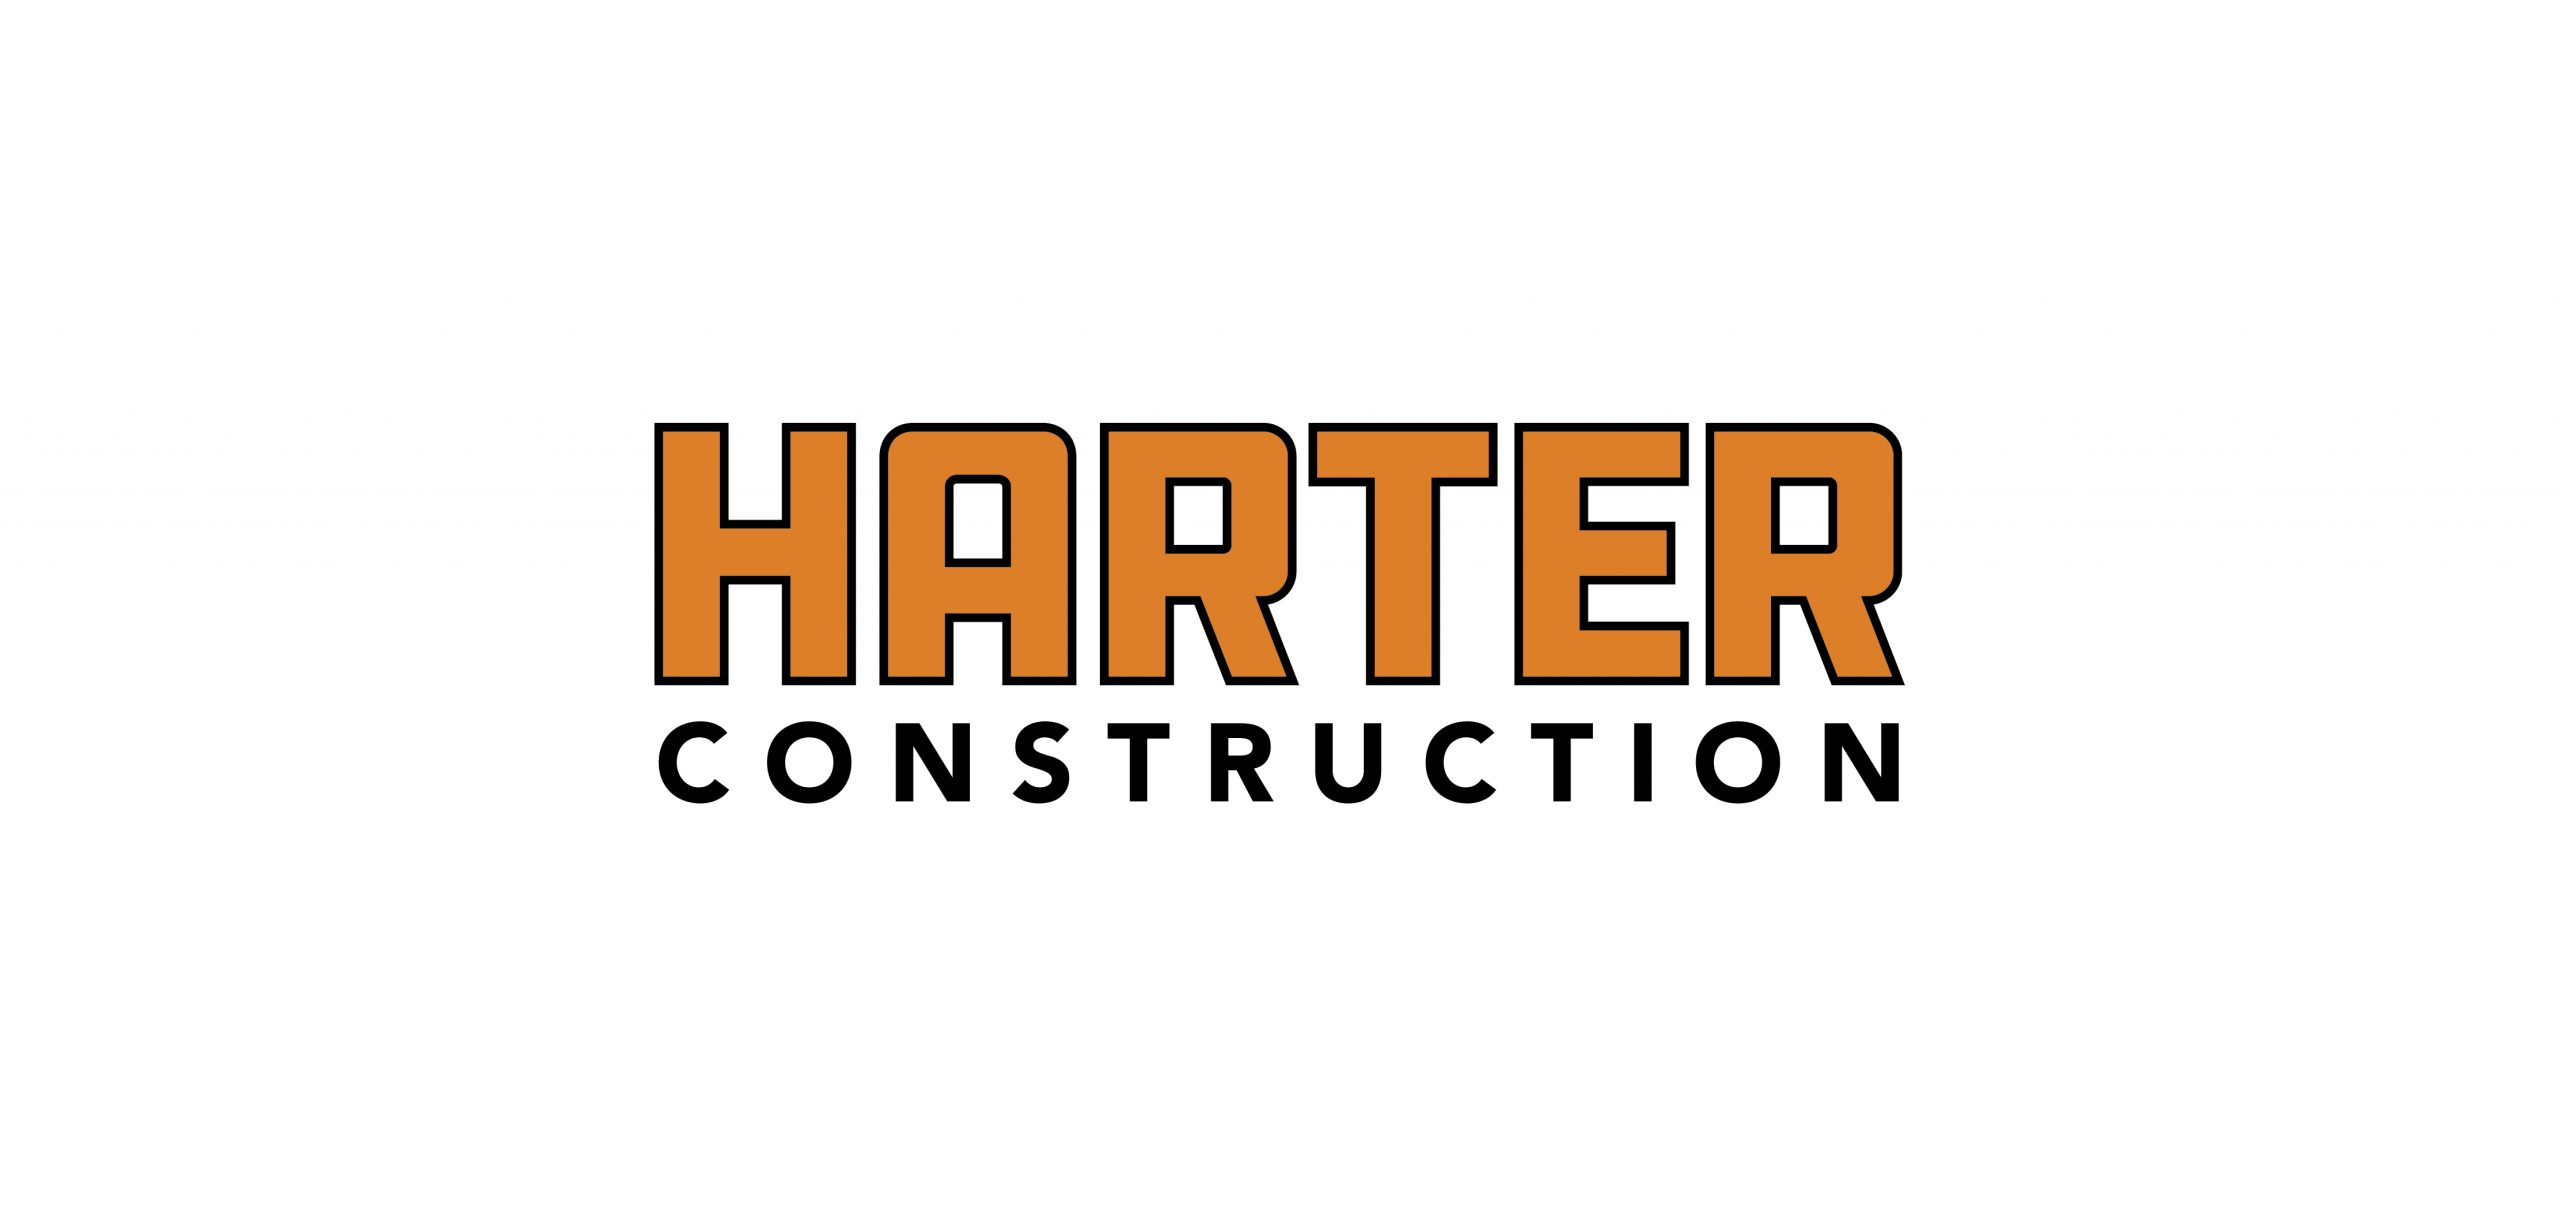 Harter_Construction_Logos_By_Stellen_Design-03